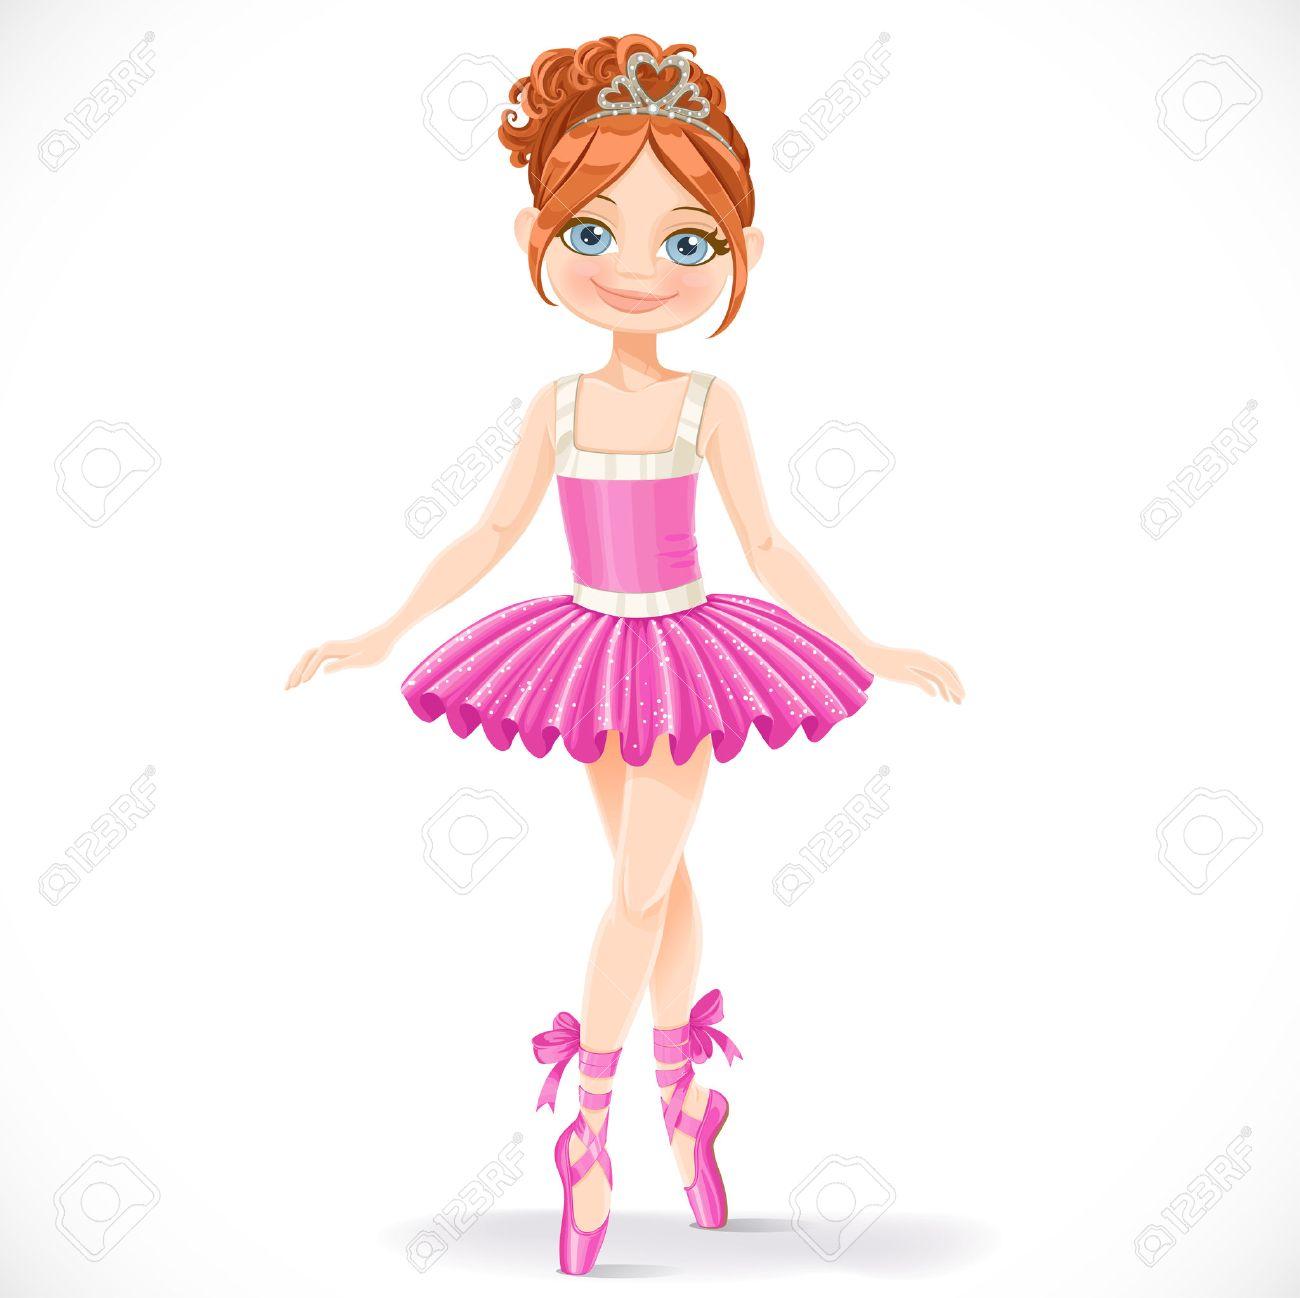 cute brunette ballerina girl